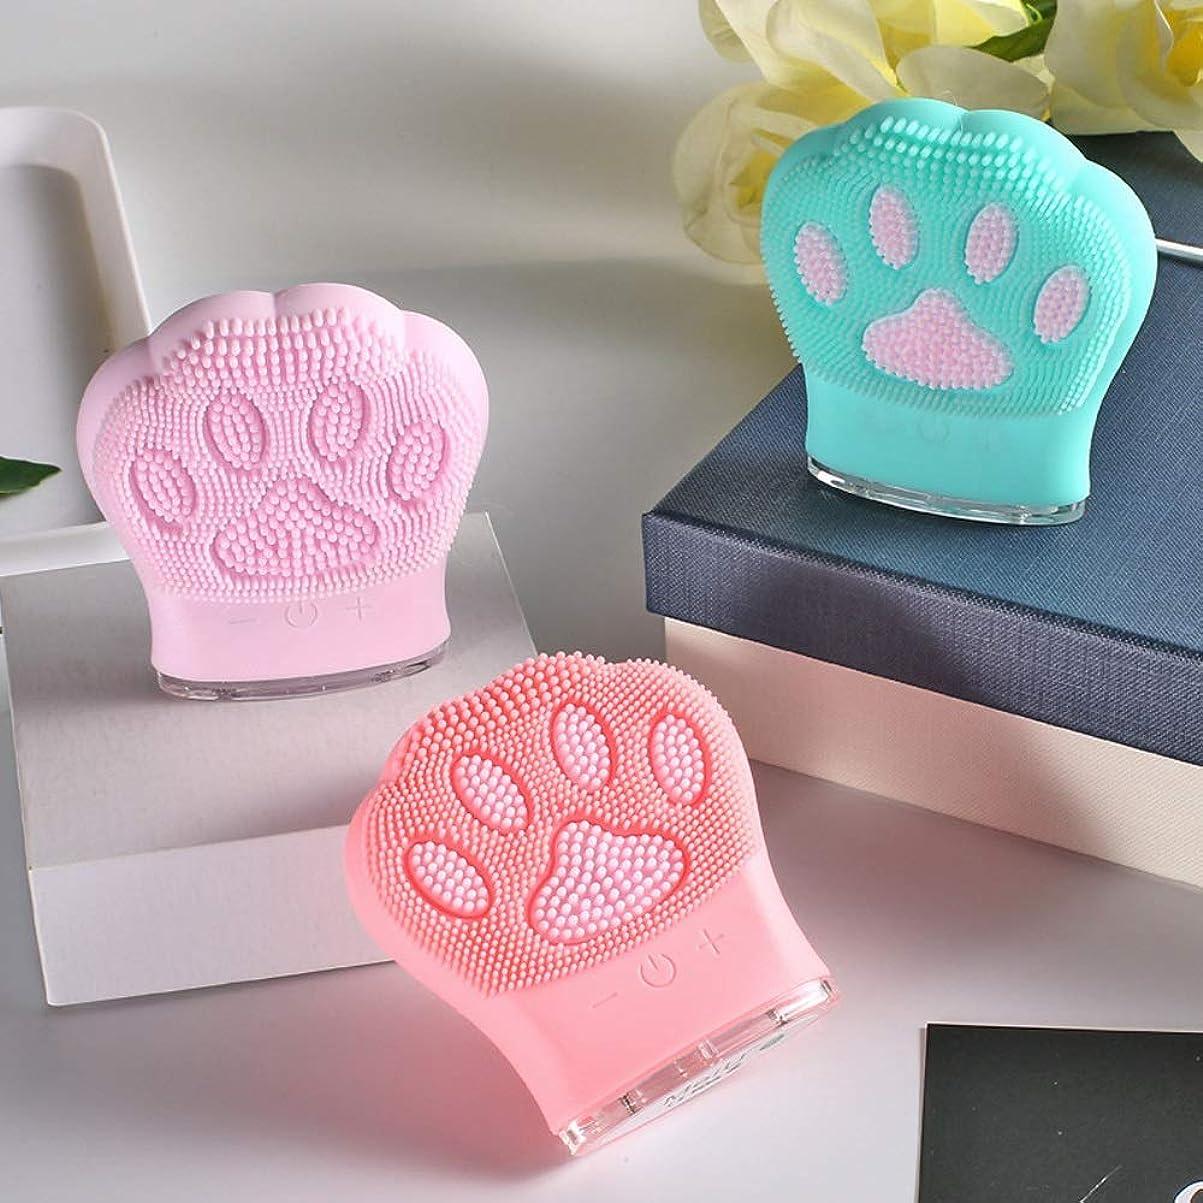 通信網アプトブローZXF 新しい猫の爪形状シリコーンクレンジング楽器超音波充電洗顔器具ガールフレンド小さなギフト洗浄ブラシピンク赤青セクション 滑らかである (色 : Pink)